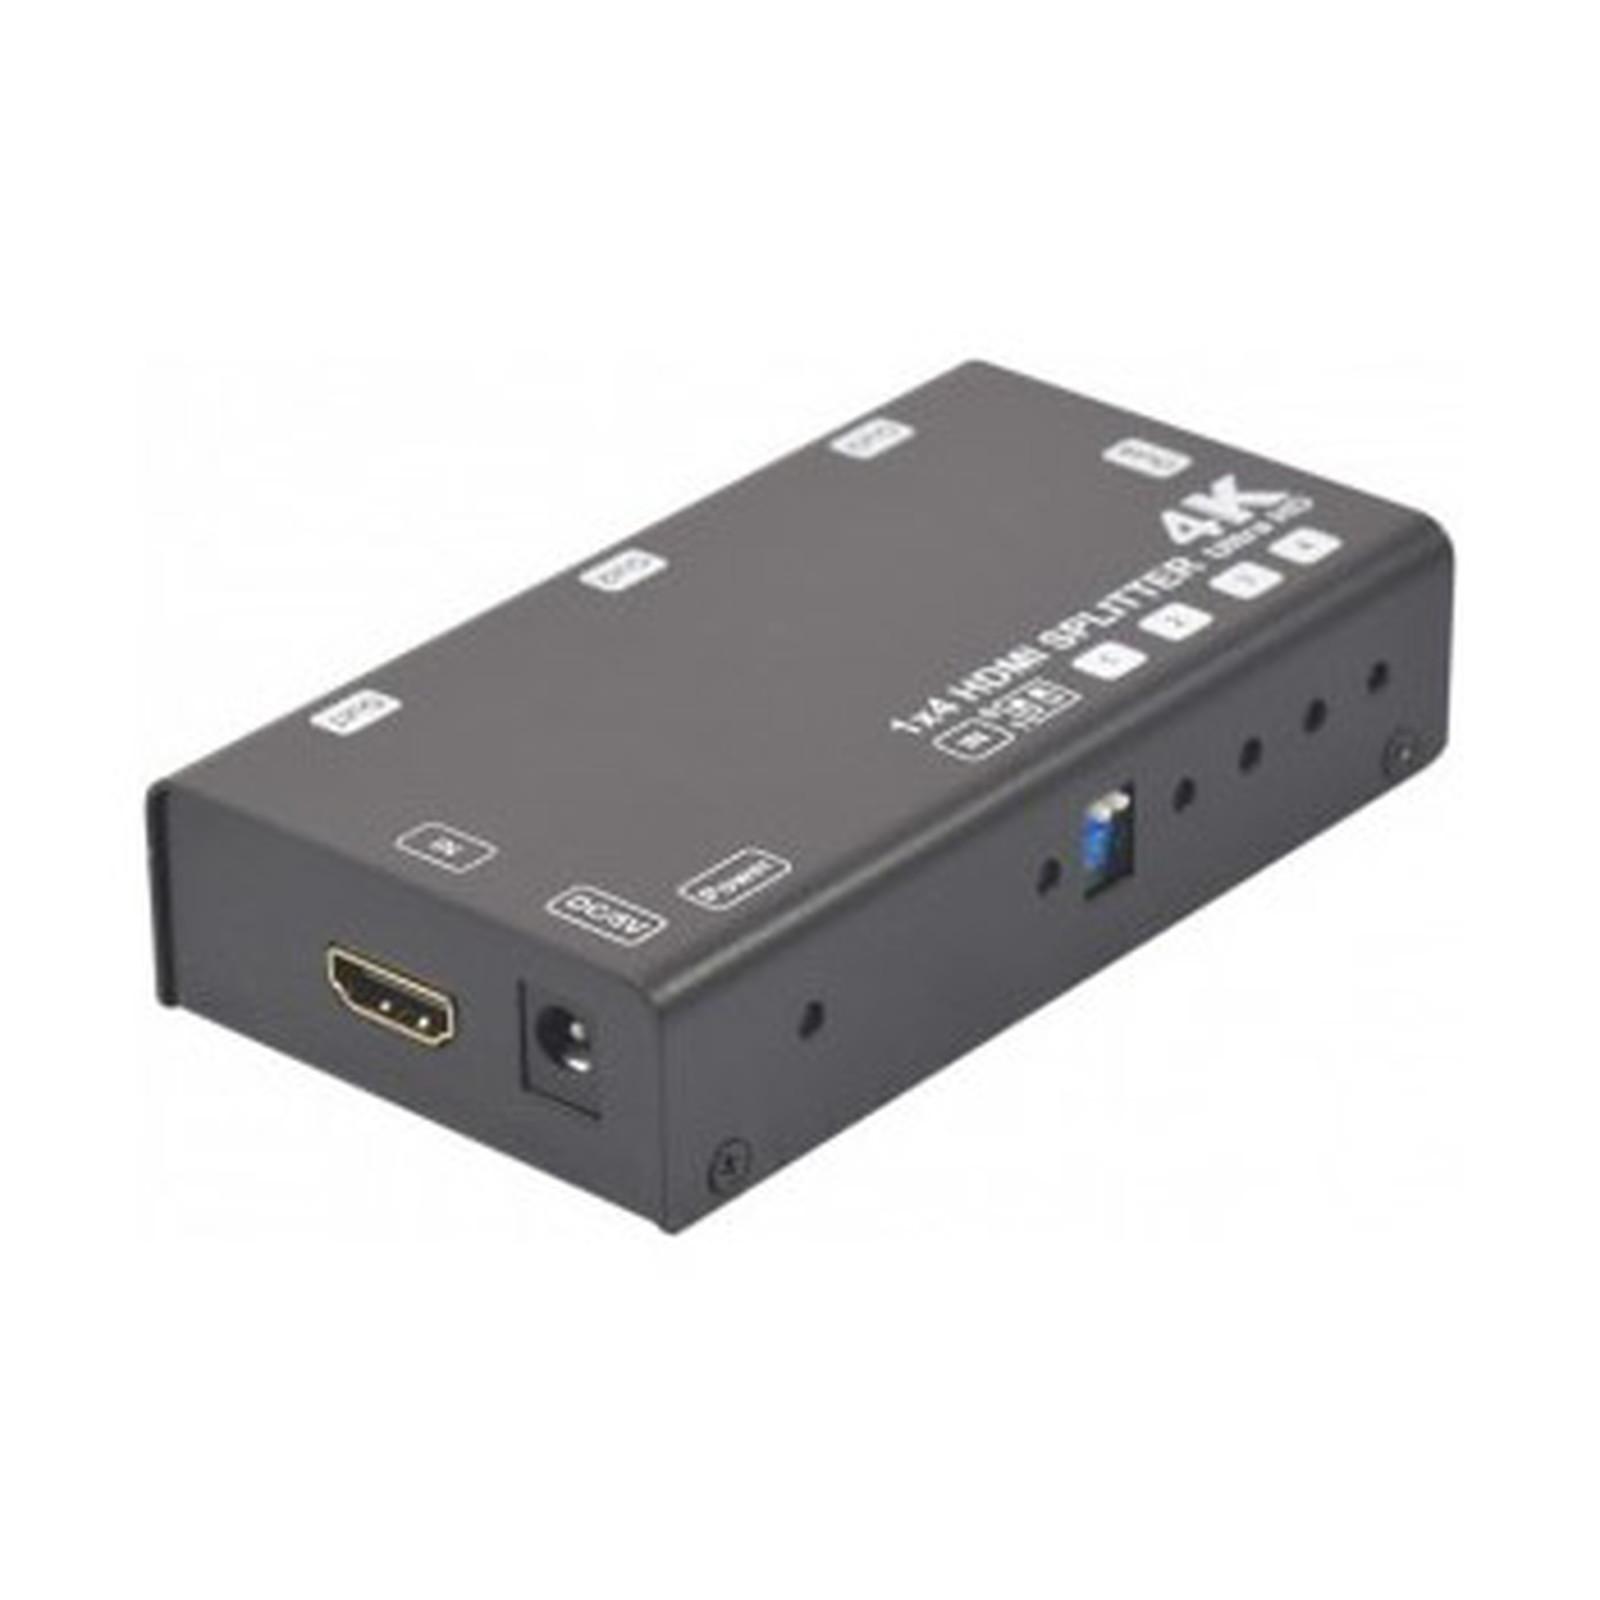 Splitter HDMI 2.0 4K & 3D (4 ports)